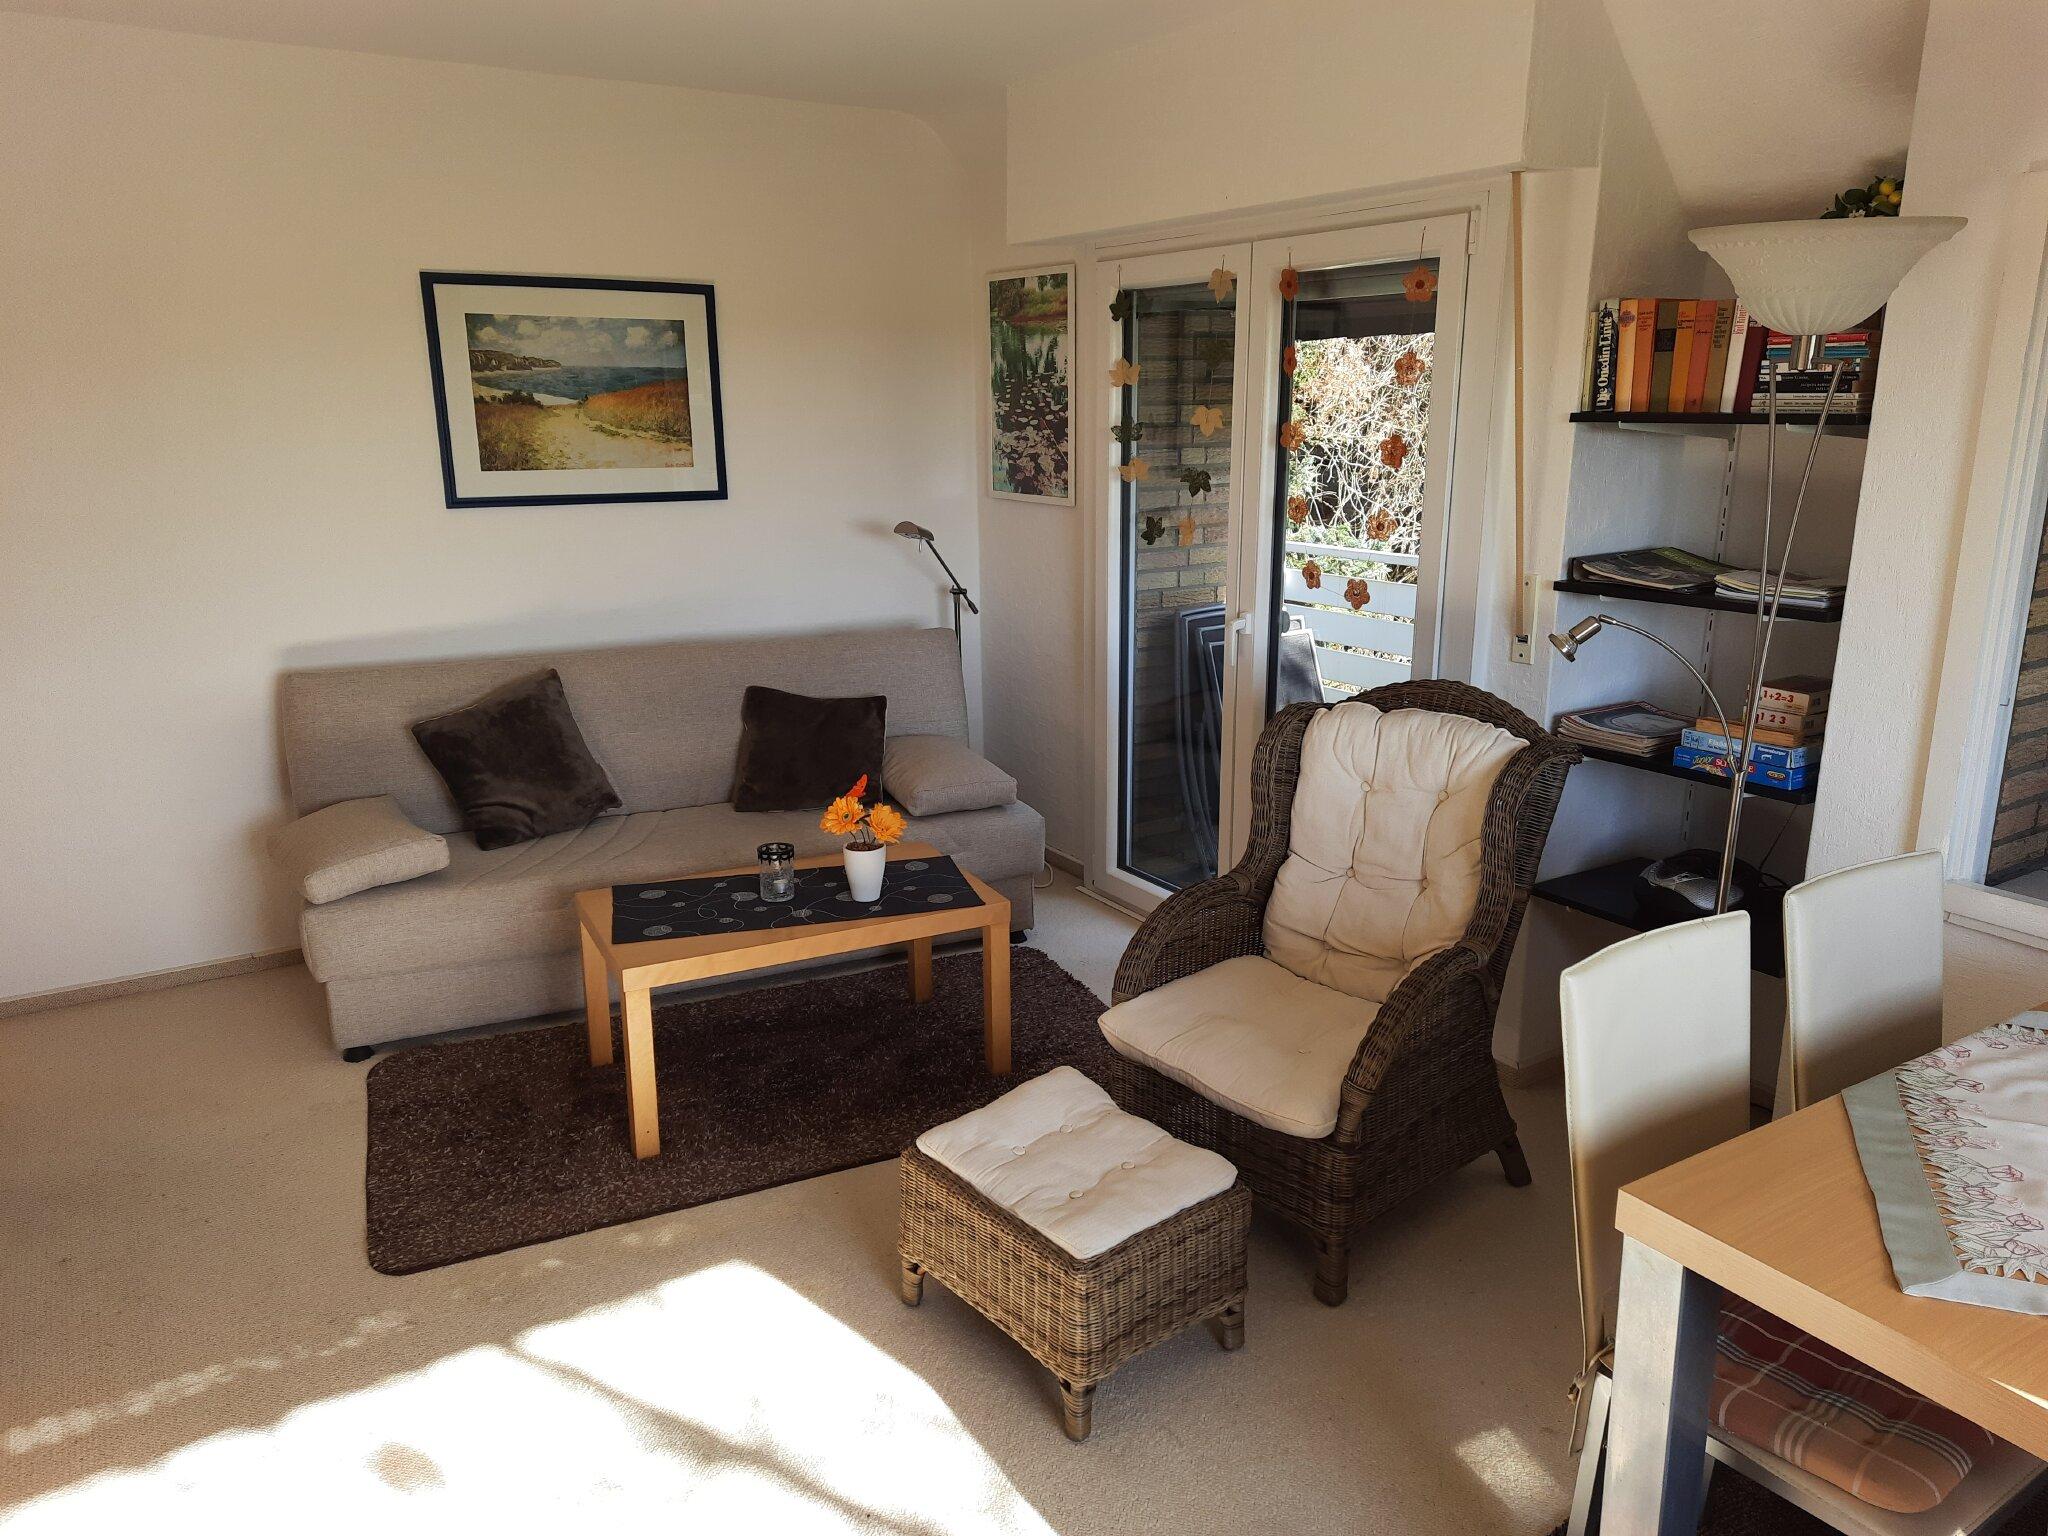 Wohnzimmer - gemütliche Sitzecke mit TV